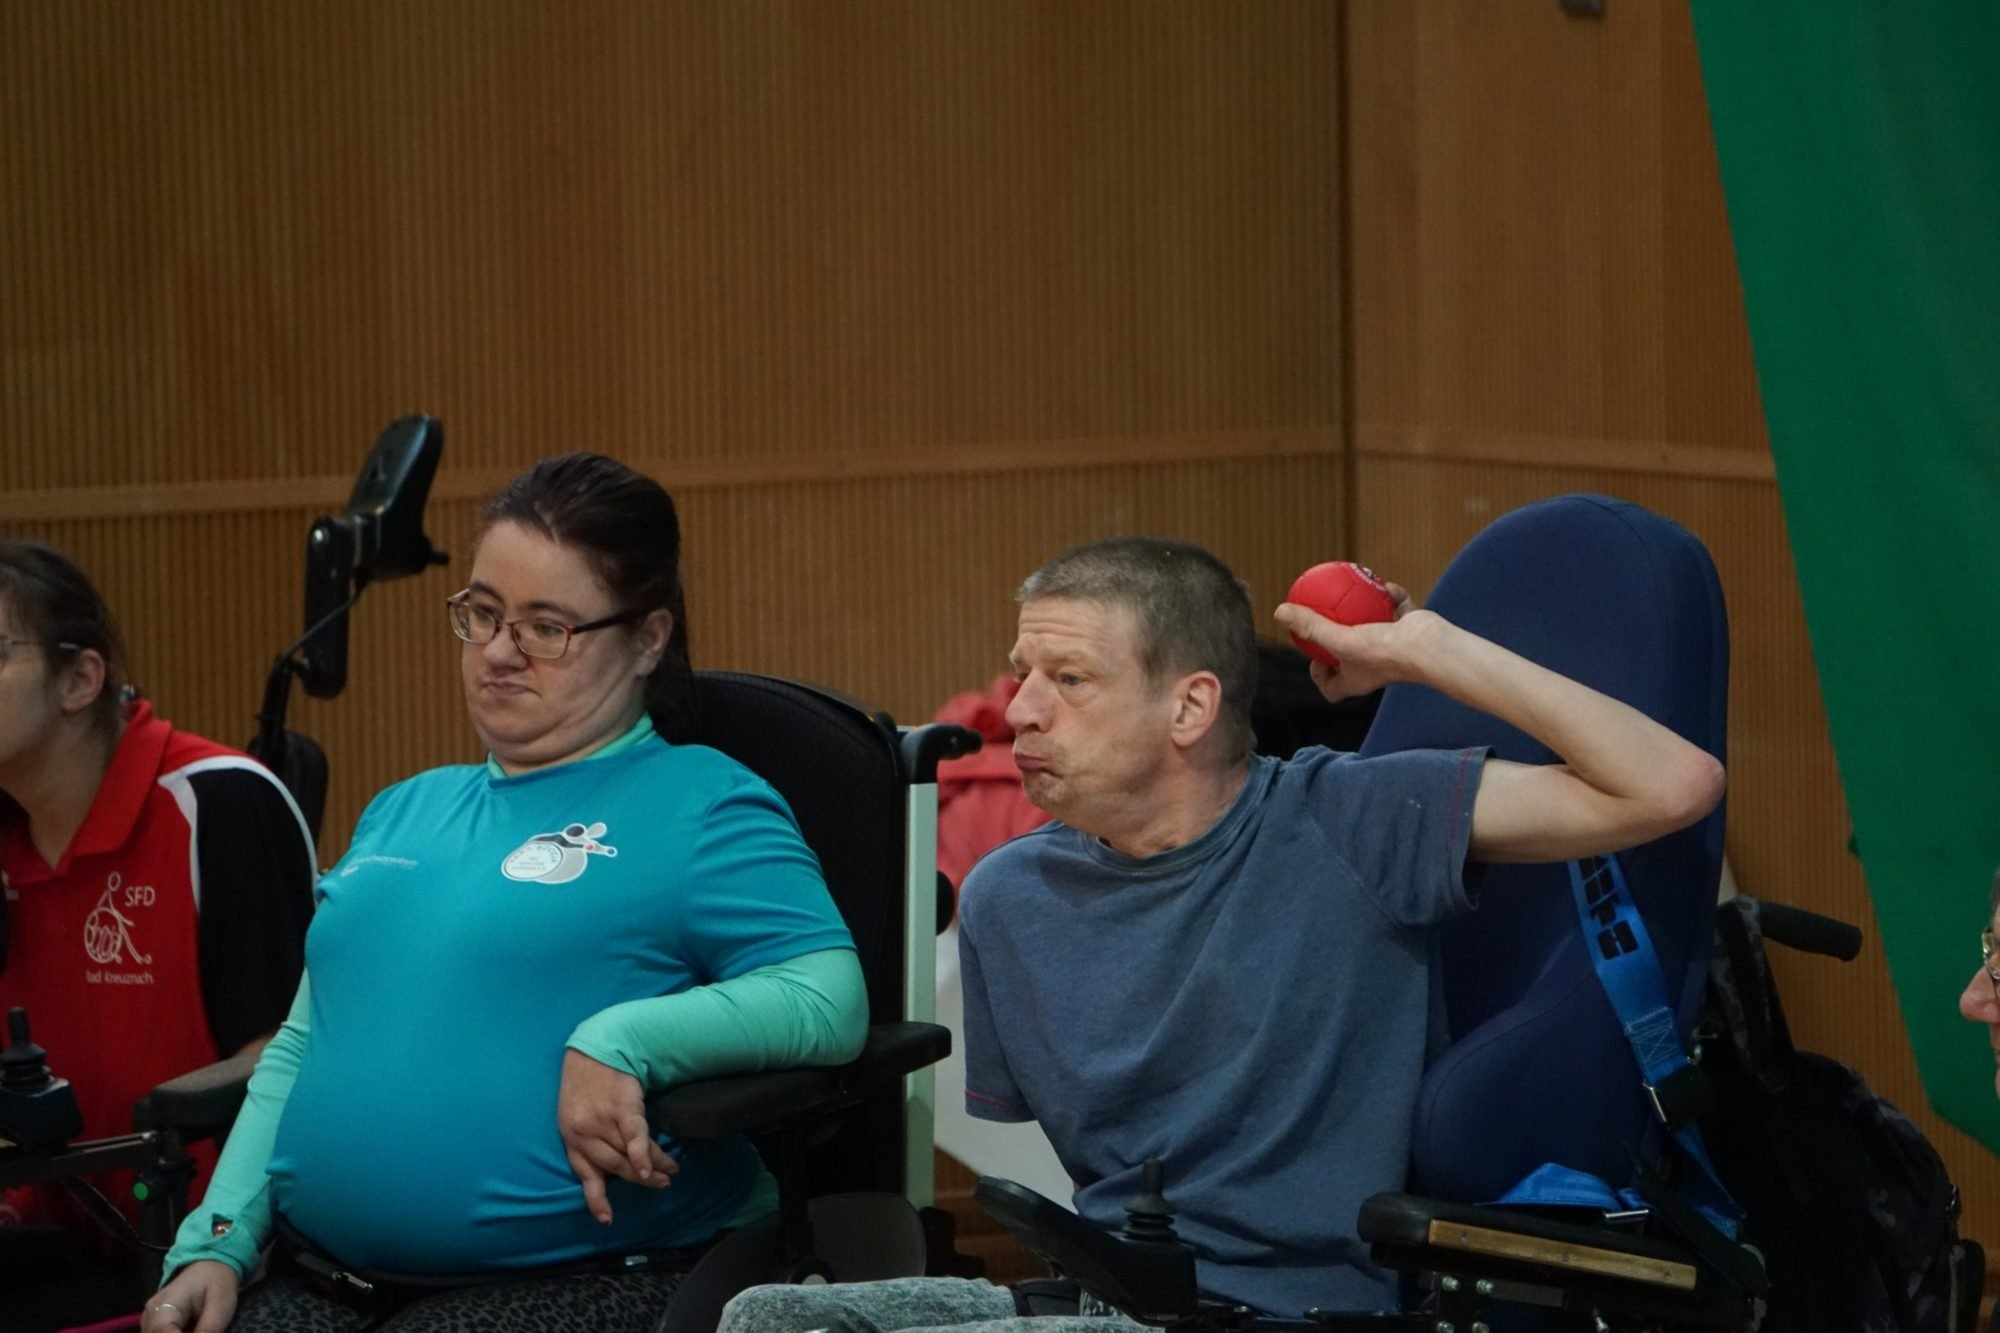 Das Bild zeigt eine Wurfsituation: Ein E-Rollstuhlfahrer ist gerade dabei, einen roten Ball loszulassen. Eine Mitspielerin links neben ihm schaut dabei zu.